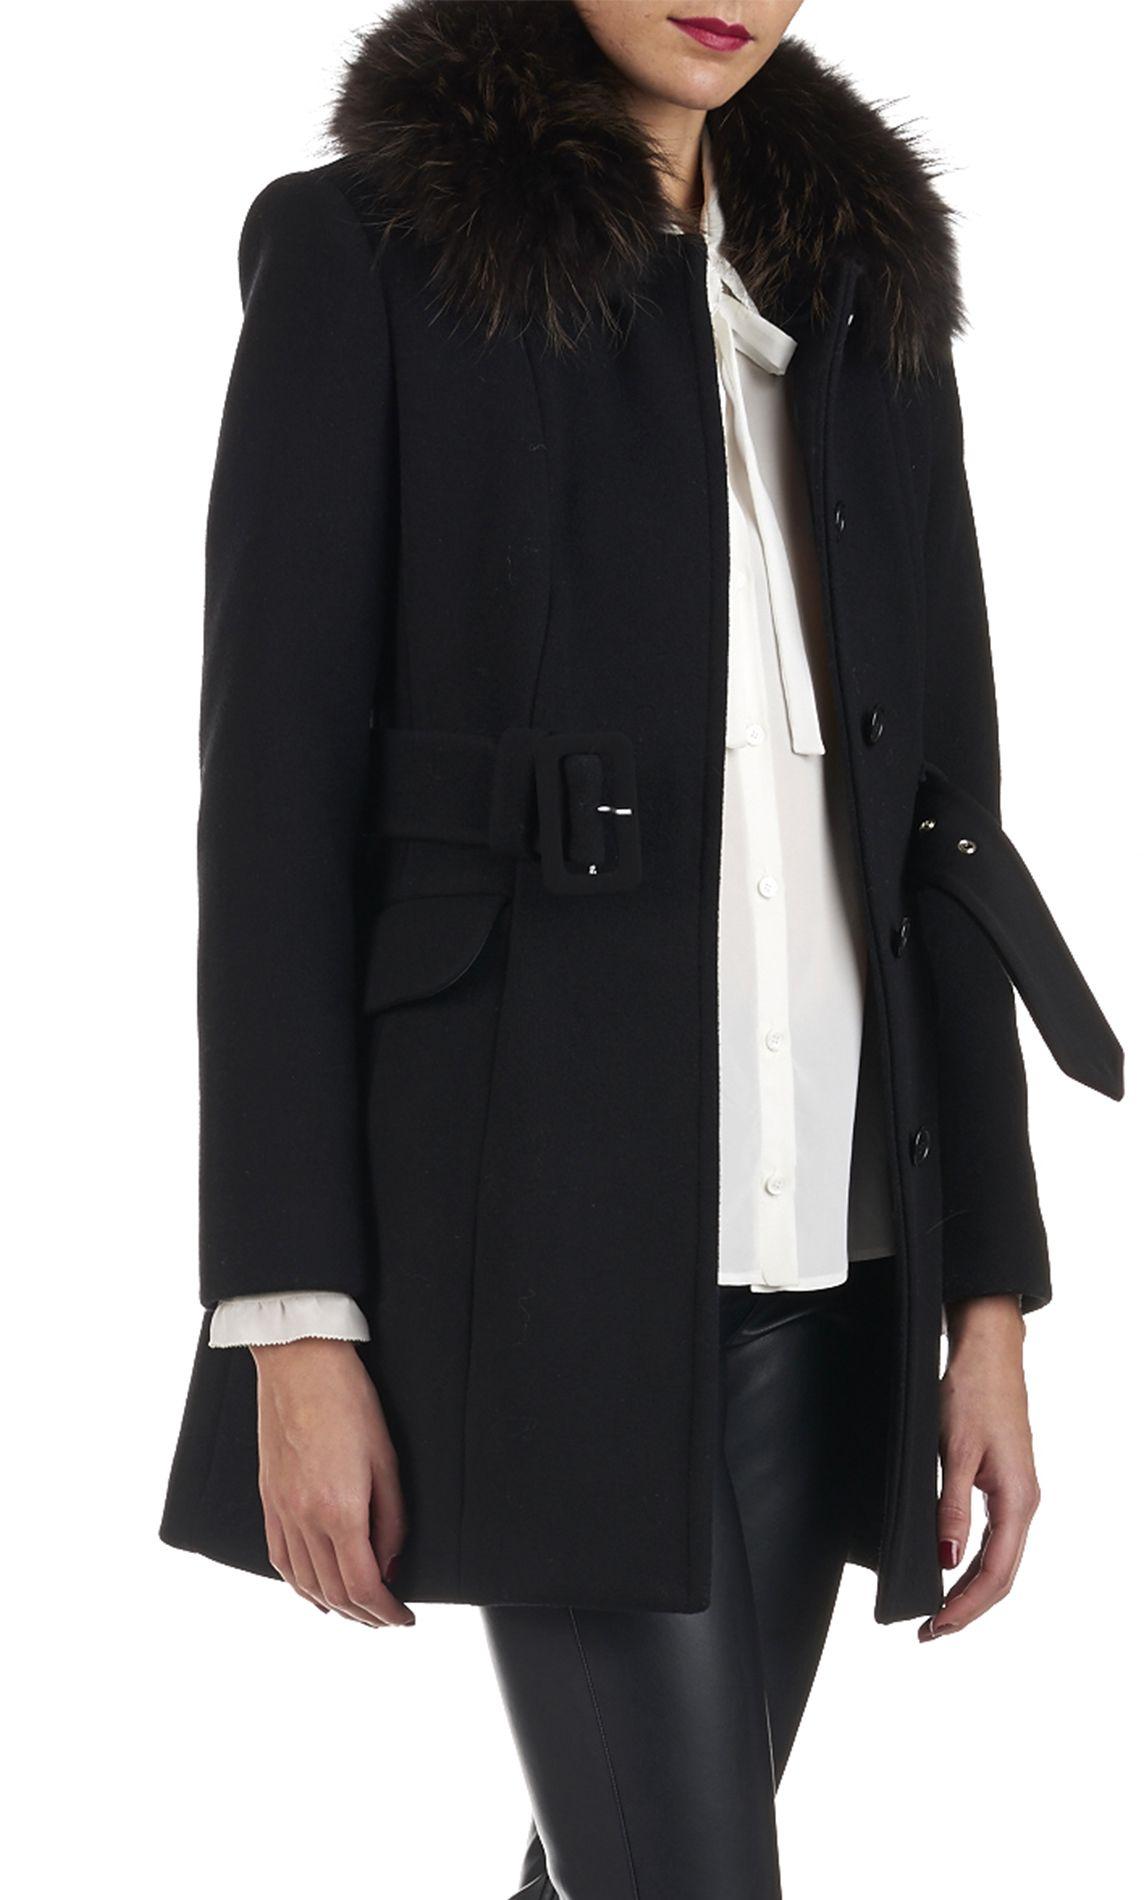 manteau col fourrure galant en laine noir by claudie pierlot fashion manteau manteau col. Black Bedroom Furniture Sets. Home Design Ideas